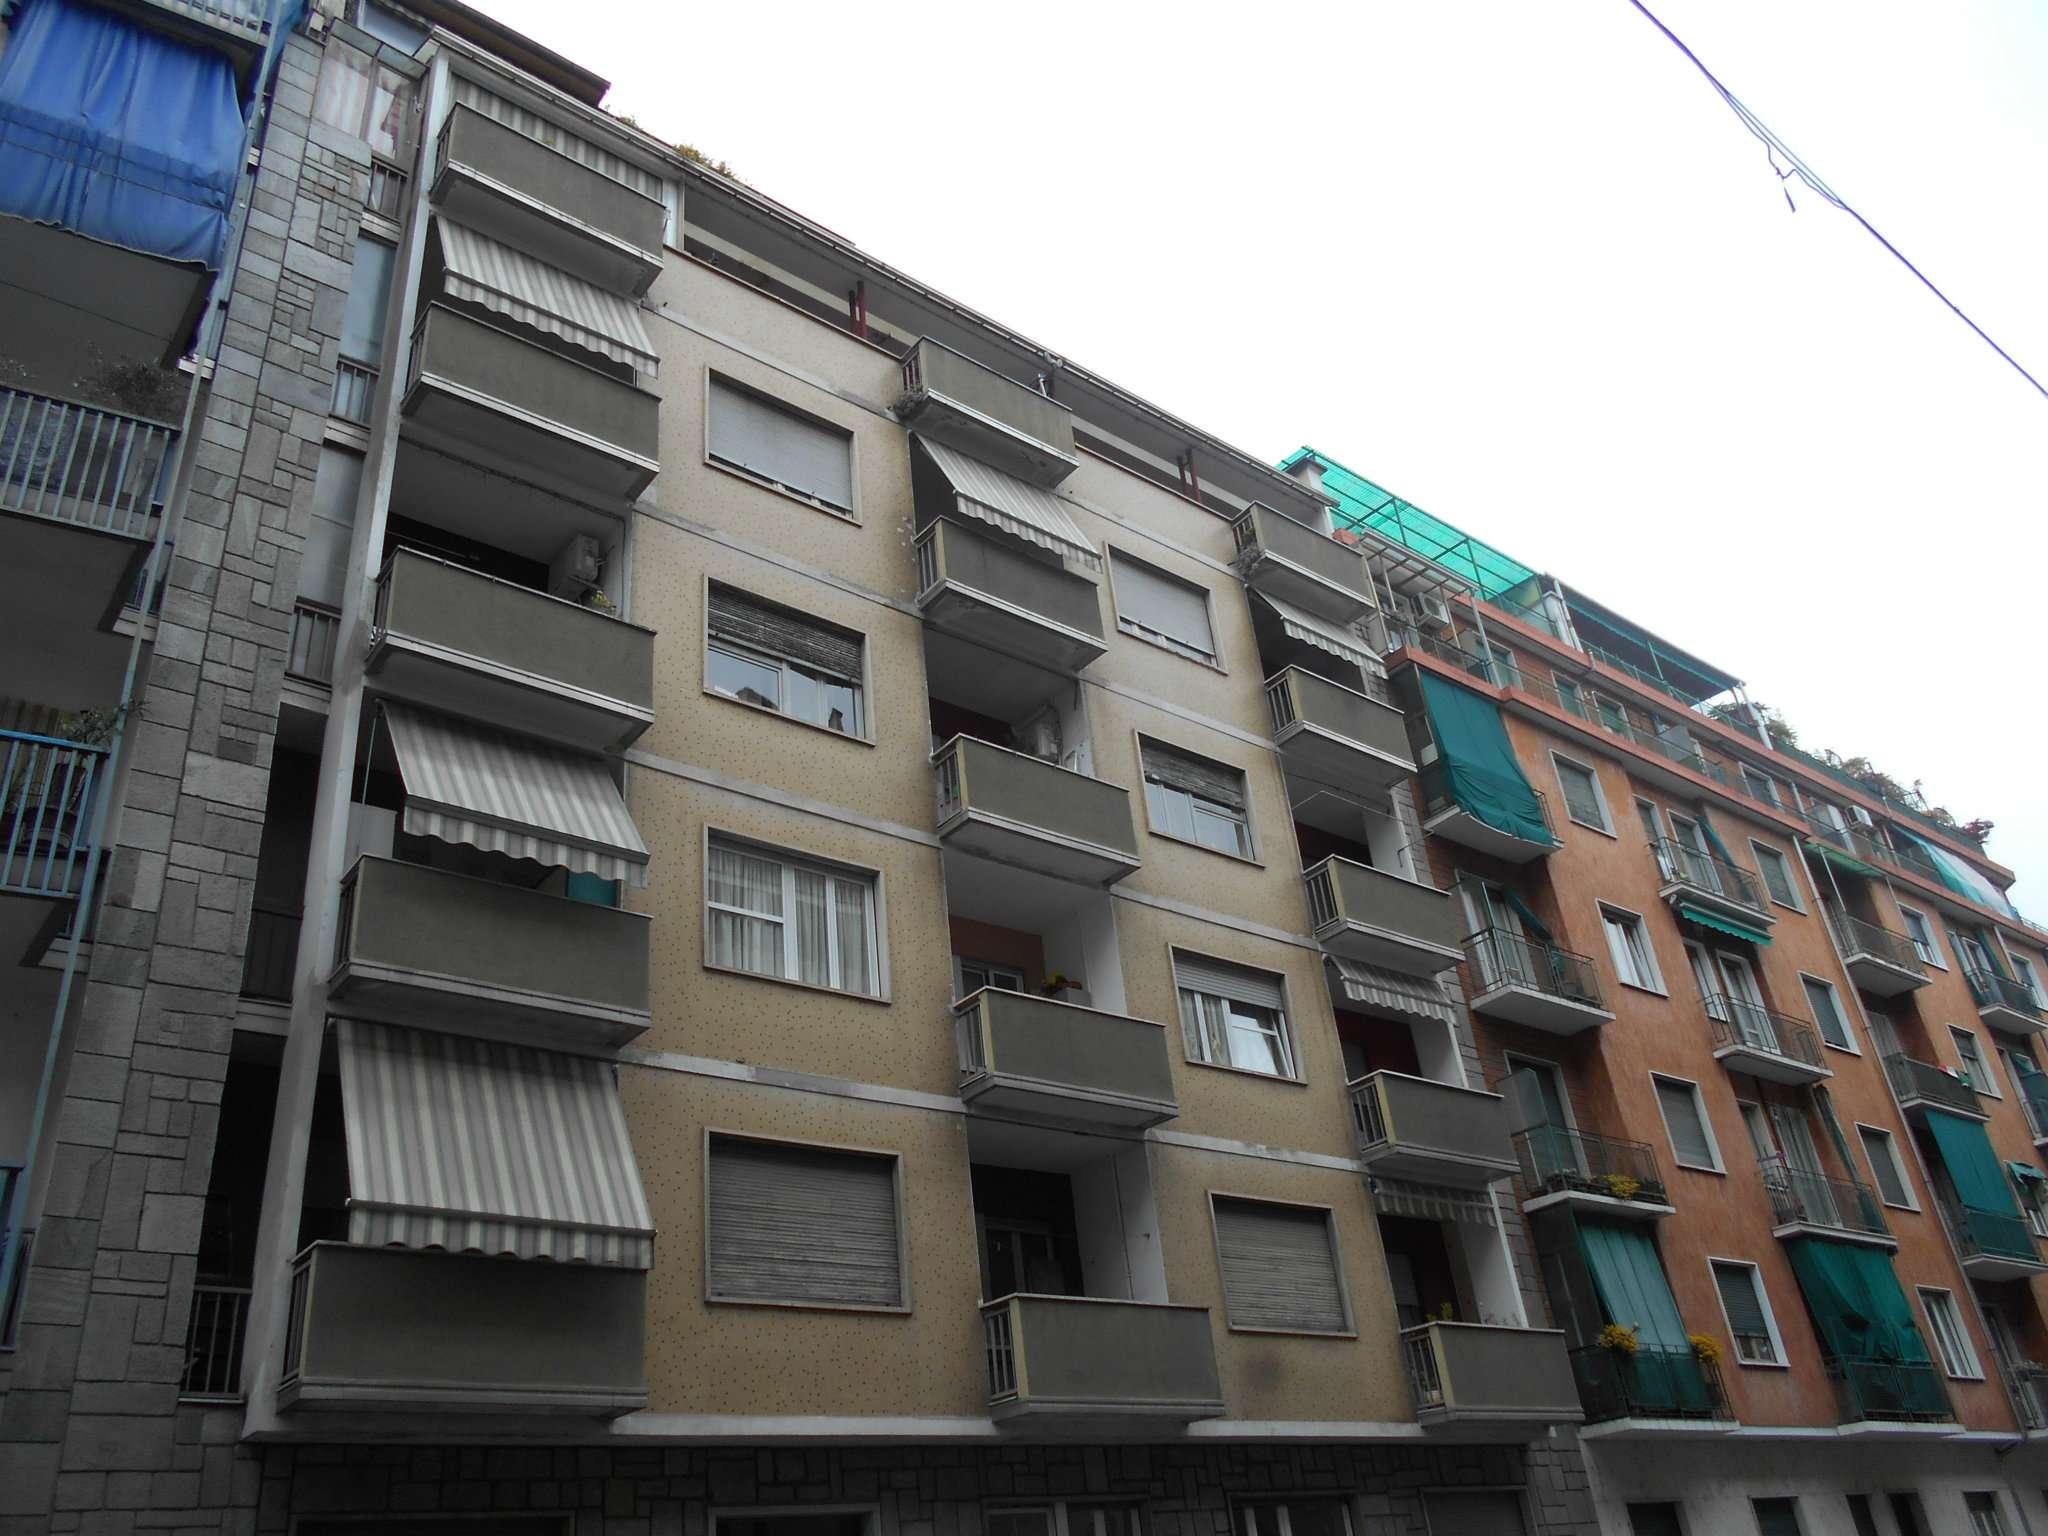 Appartamenti monolocali in vendita a torino for Appartamenti arredati torino